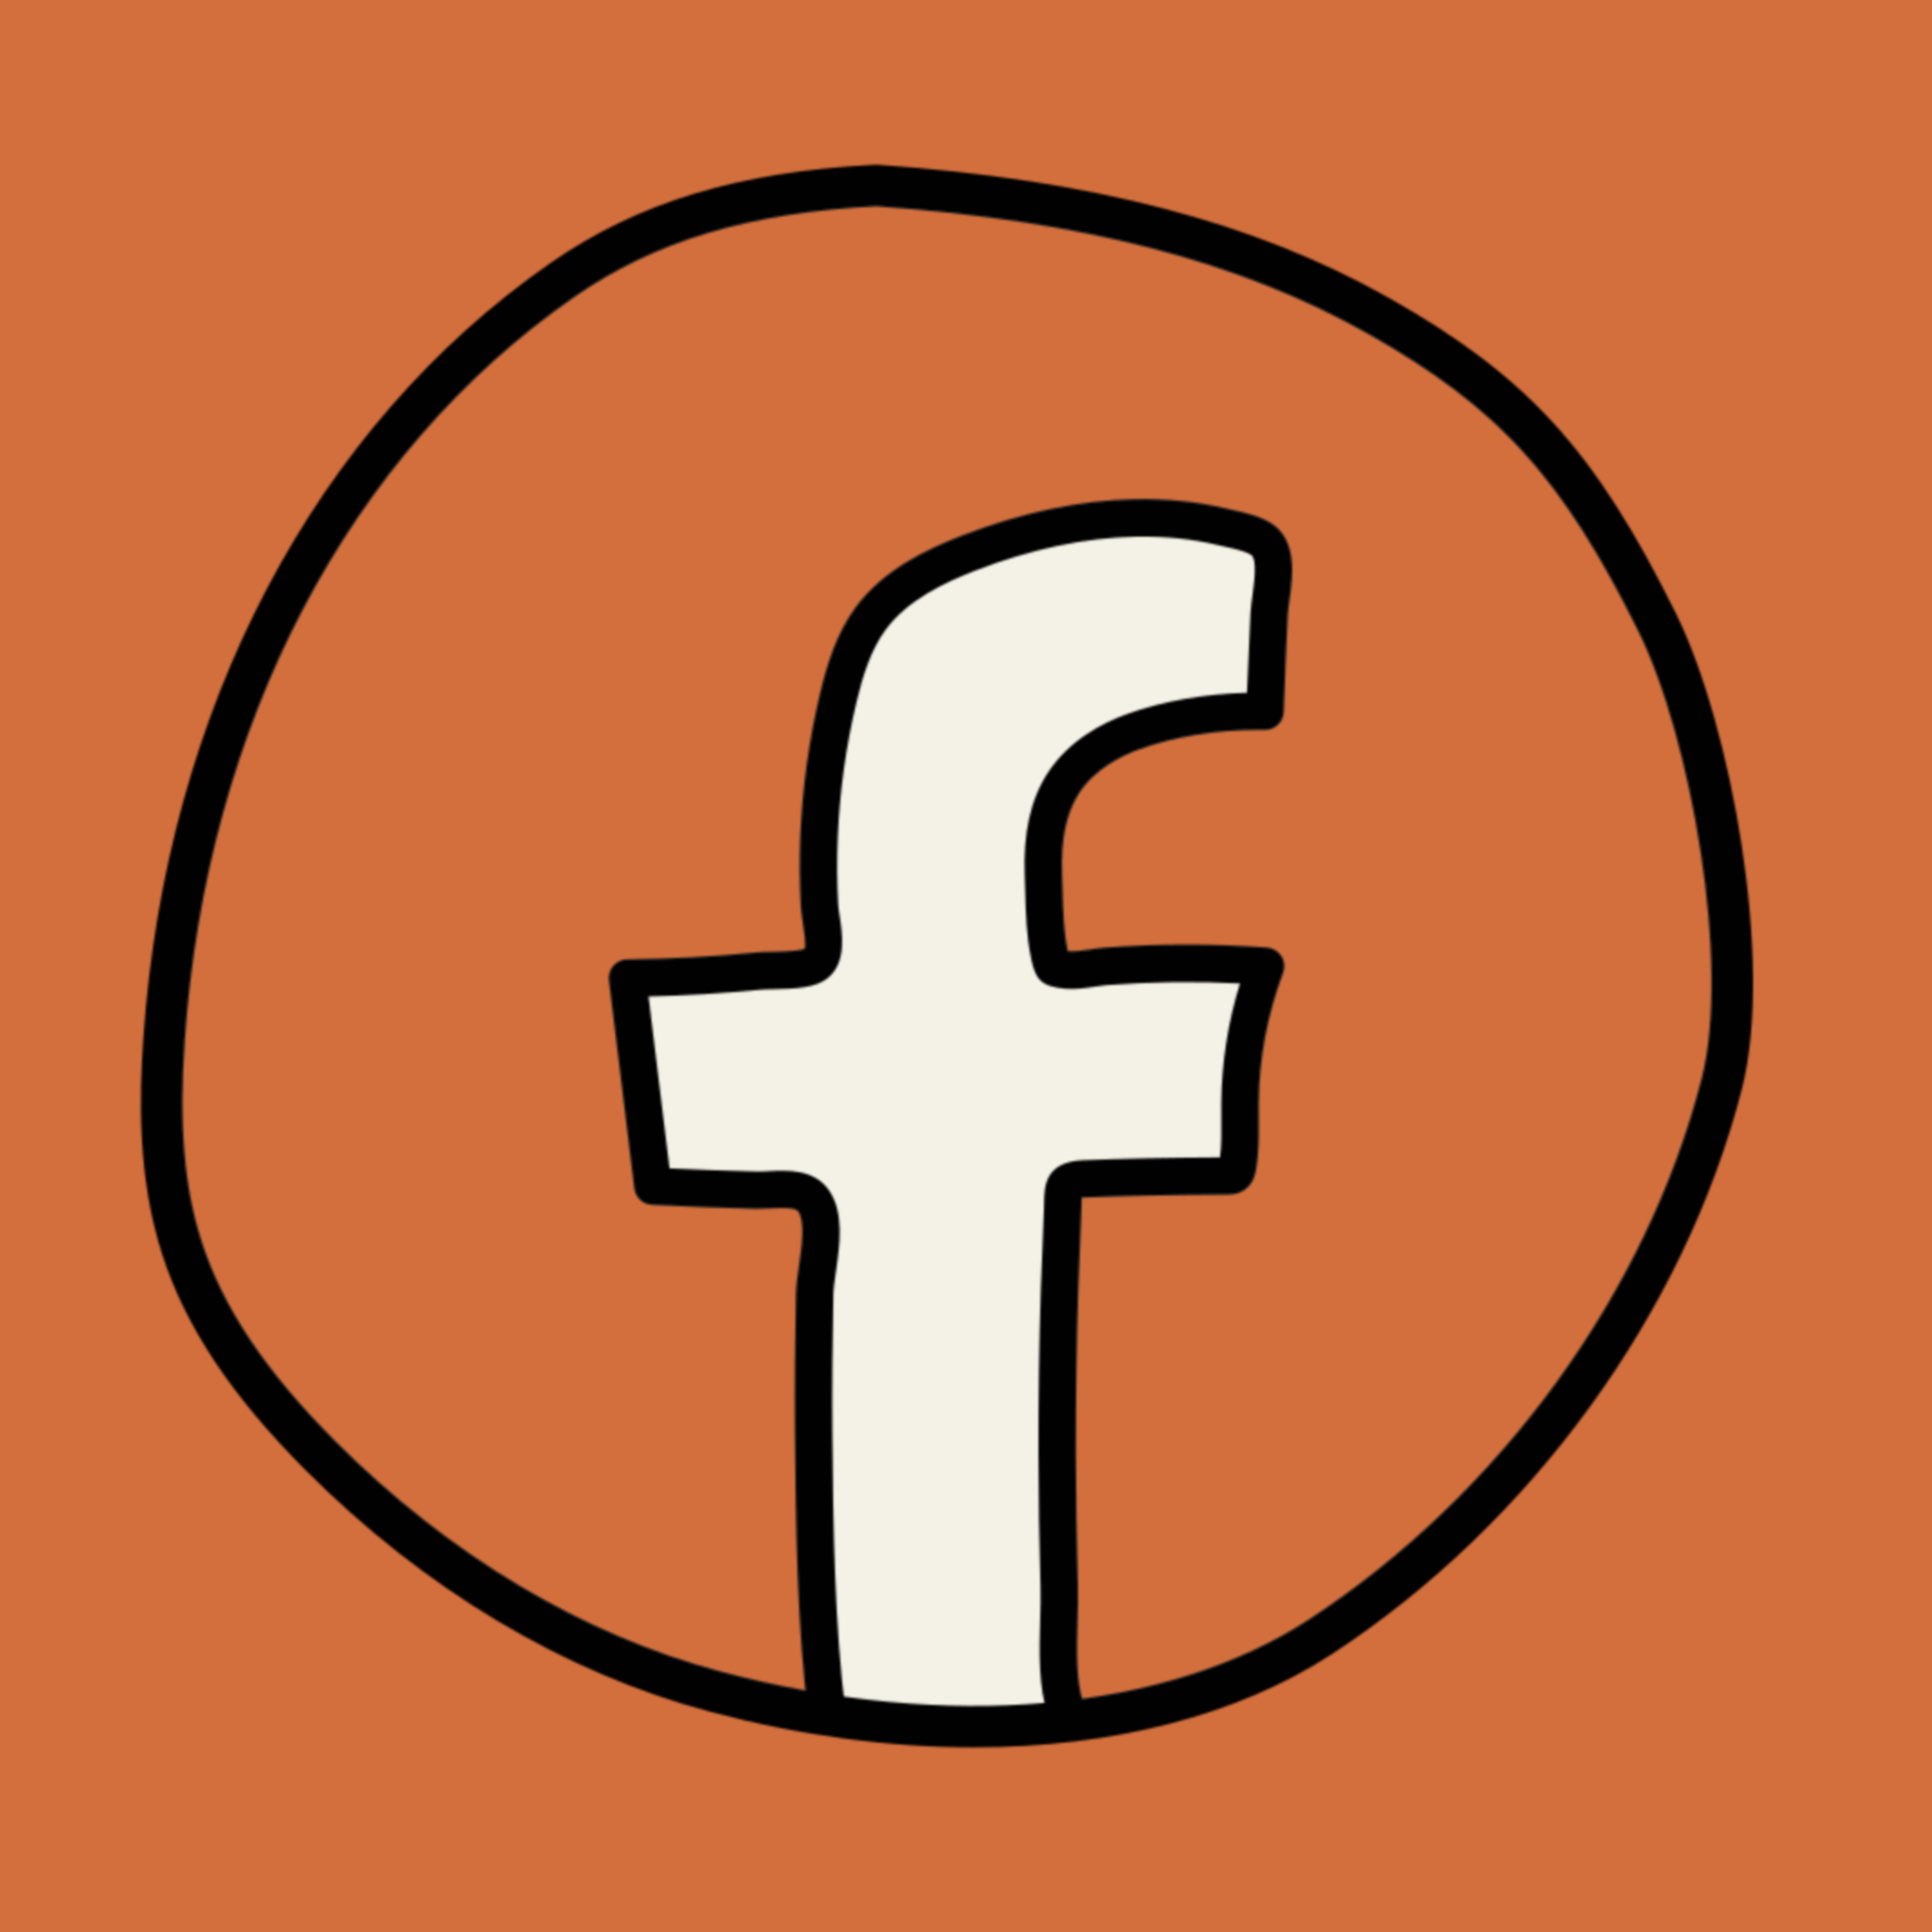 Free Aesthetic Facebook App Icon Rjkaur Xo App Icon Iphone Icon Ios Icon